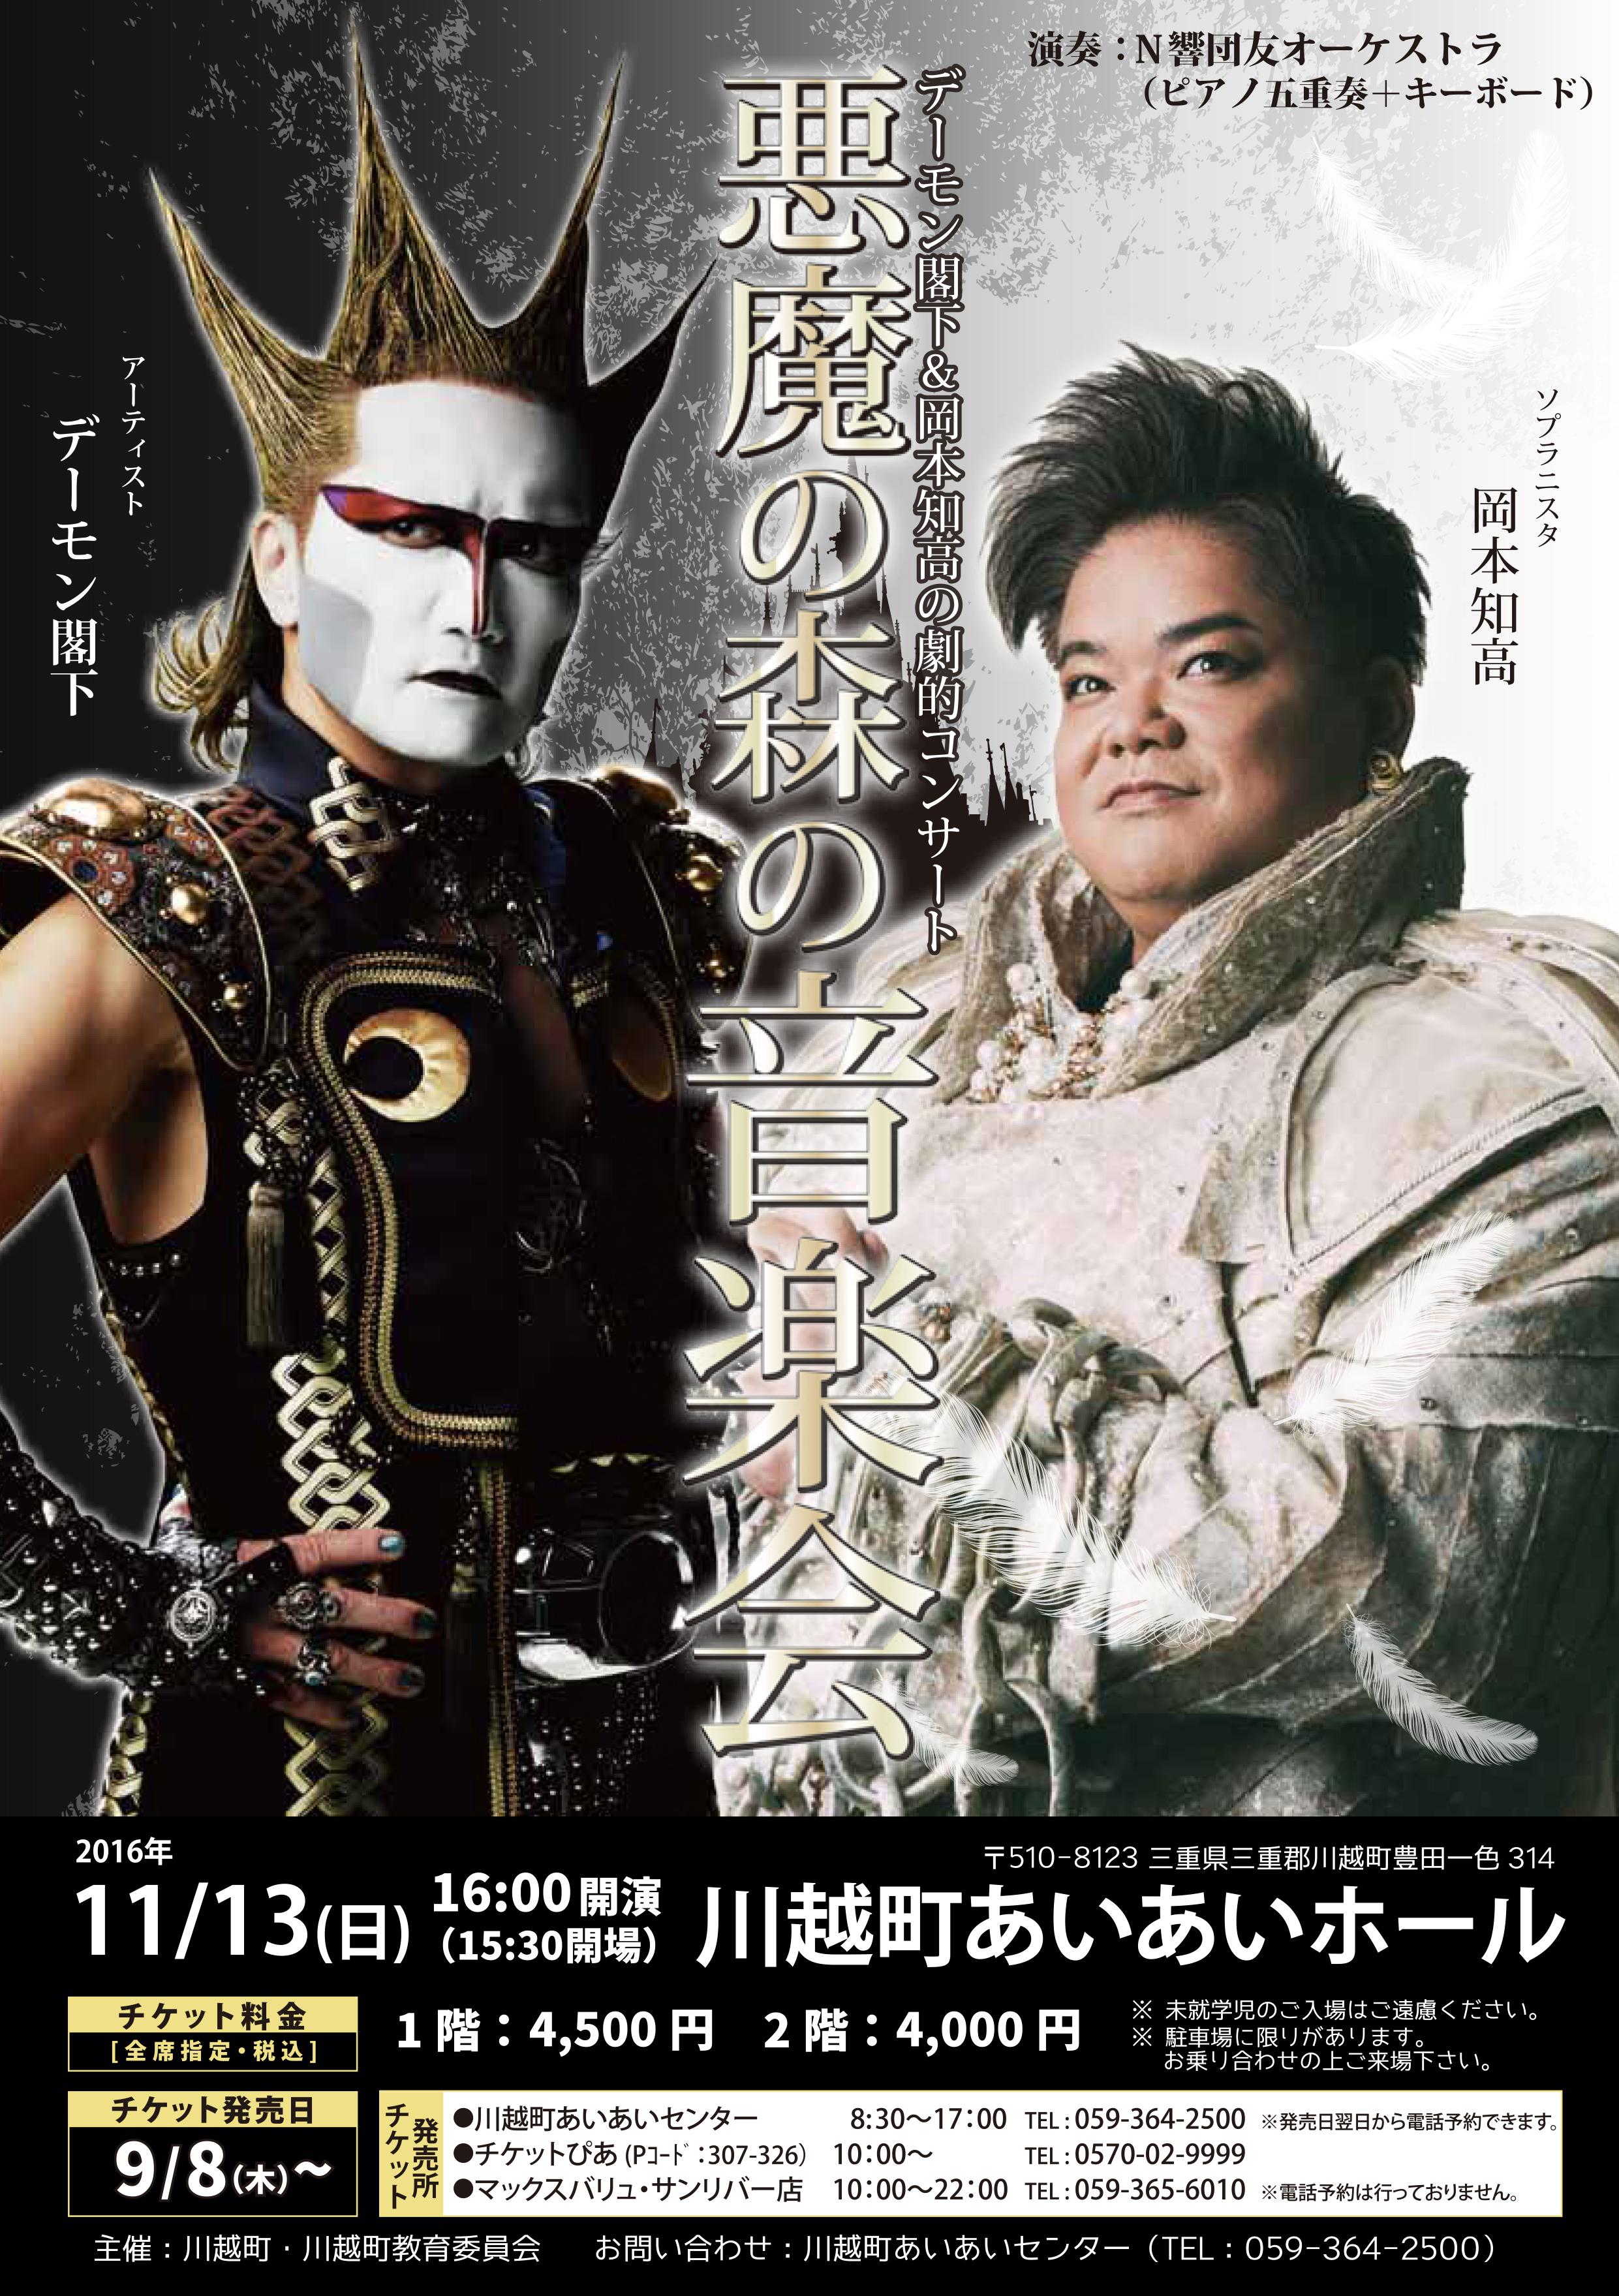 28-11-13 川越町 チラシ原稿.jpg